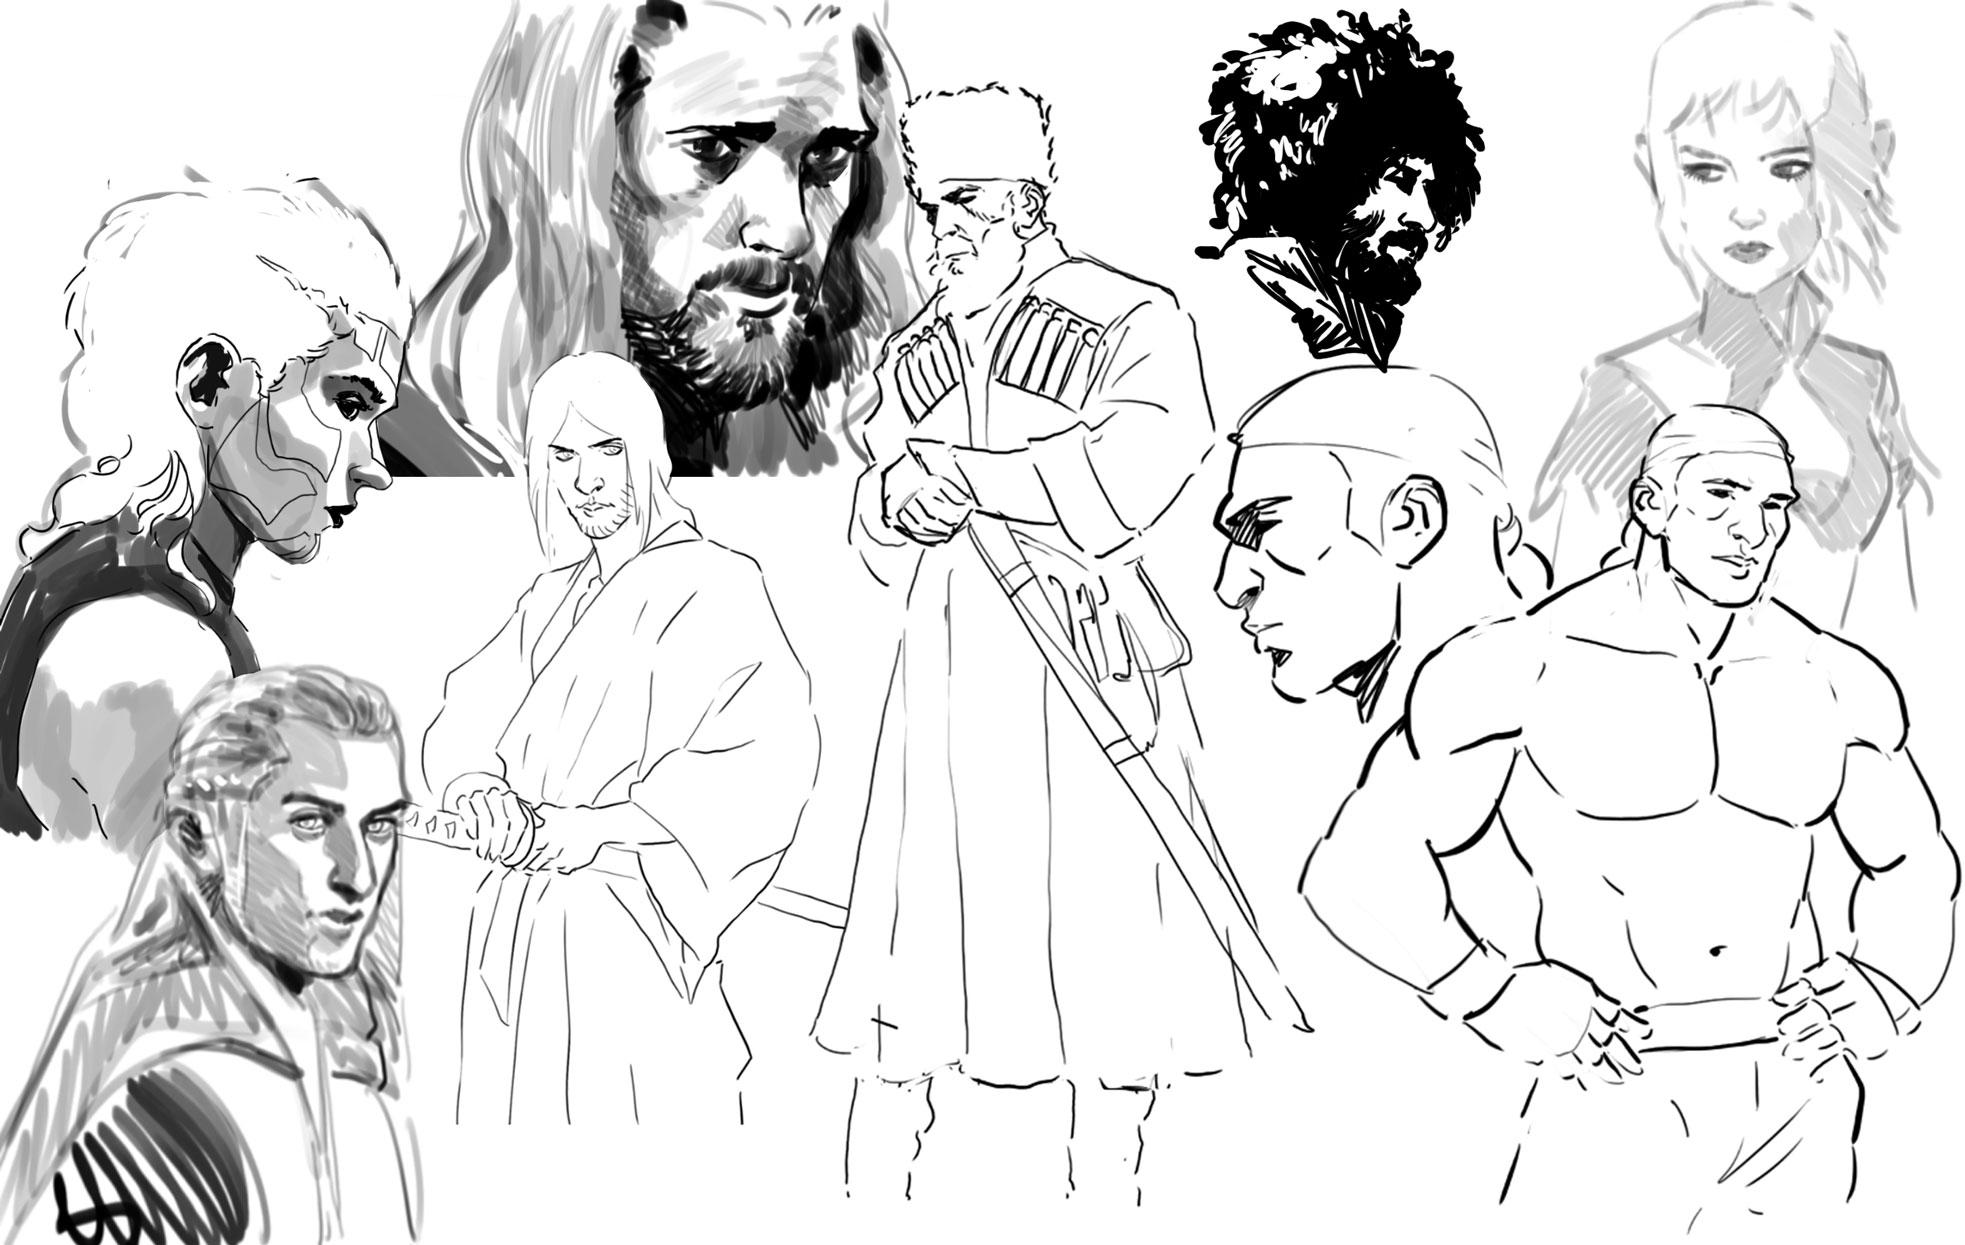 Galerie de dessins, illustrations, divers travaux...  - Page 6 1532333091-1